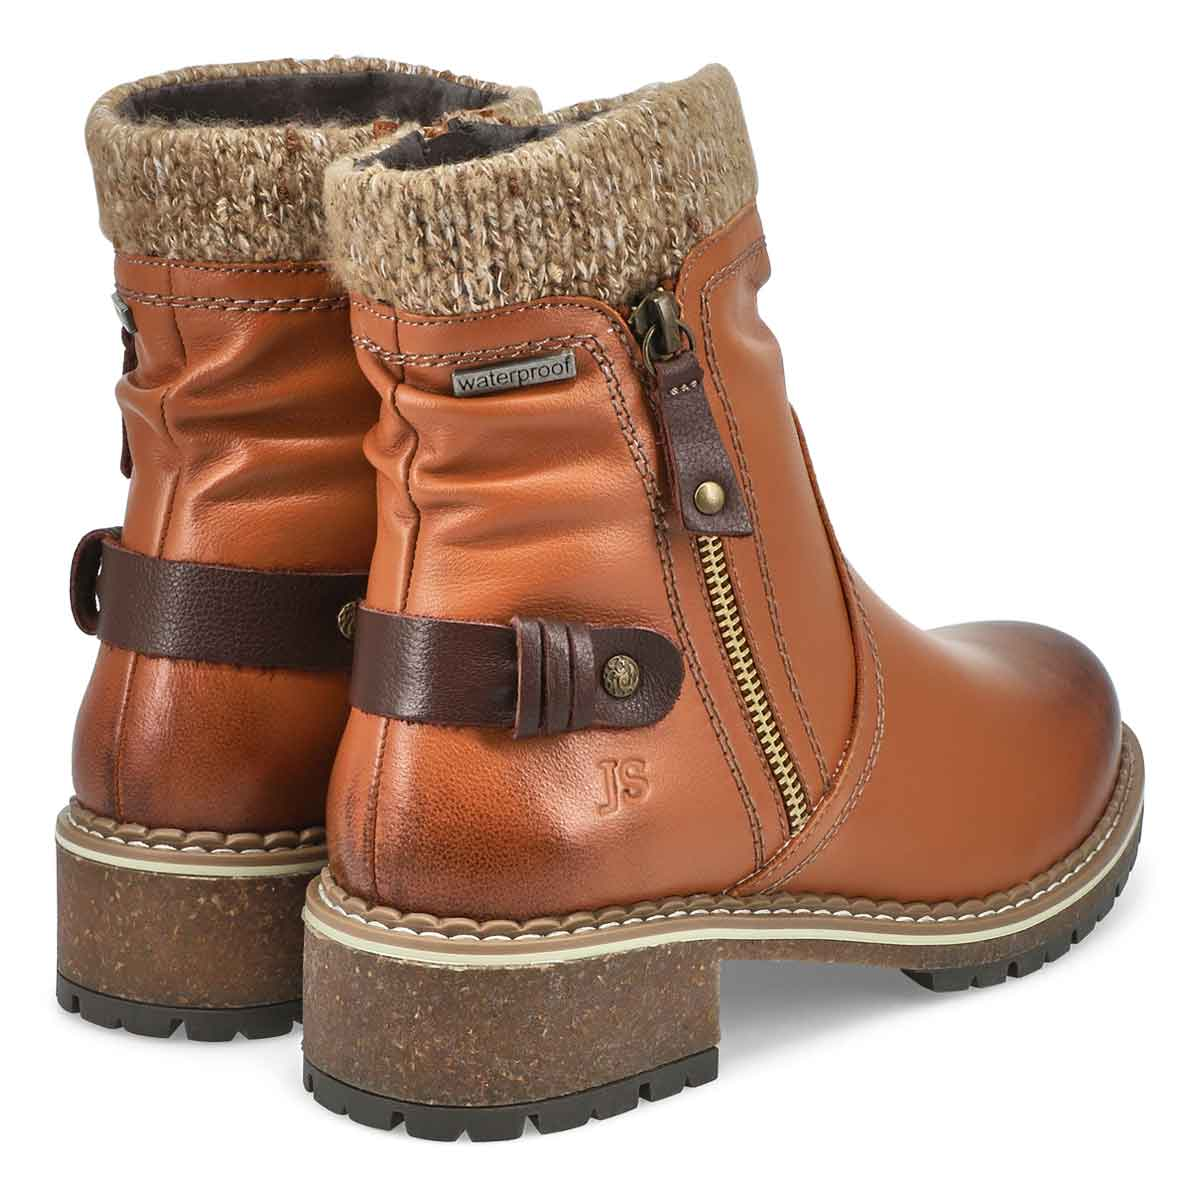 Women's Waylynn 01 Waterproof Ankle Boot - Camel